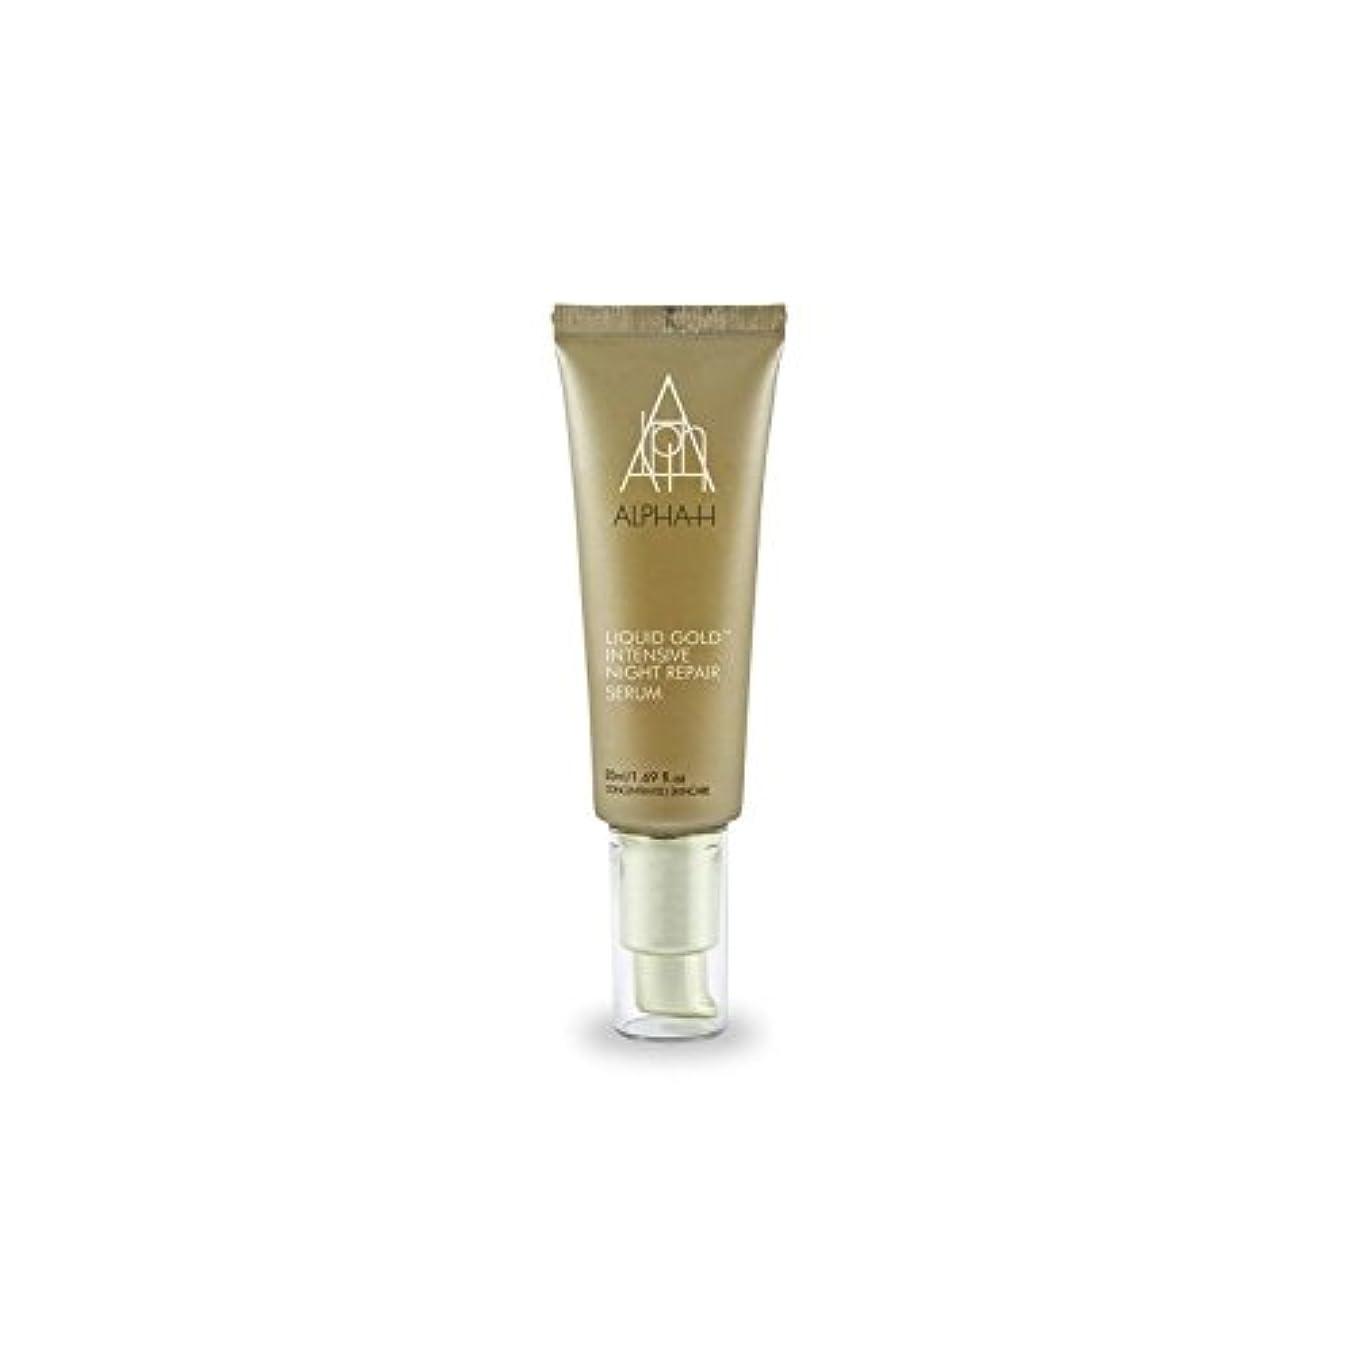 くそー阻害する仮定、想定。推測Alpha-H Liquid Gold Intensive Night Repair Serum (50ml) (Pack of 6) - アルファ時間の液体の金の集中夜の修理血清(50ミリリットル) x6 [並行輸入品]